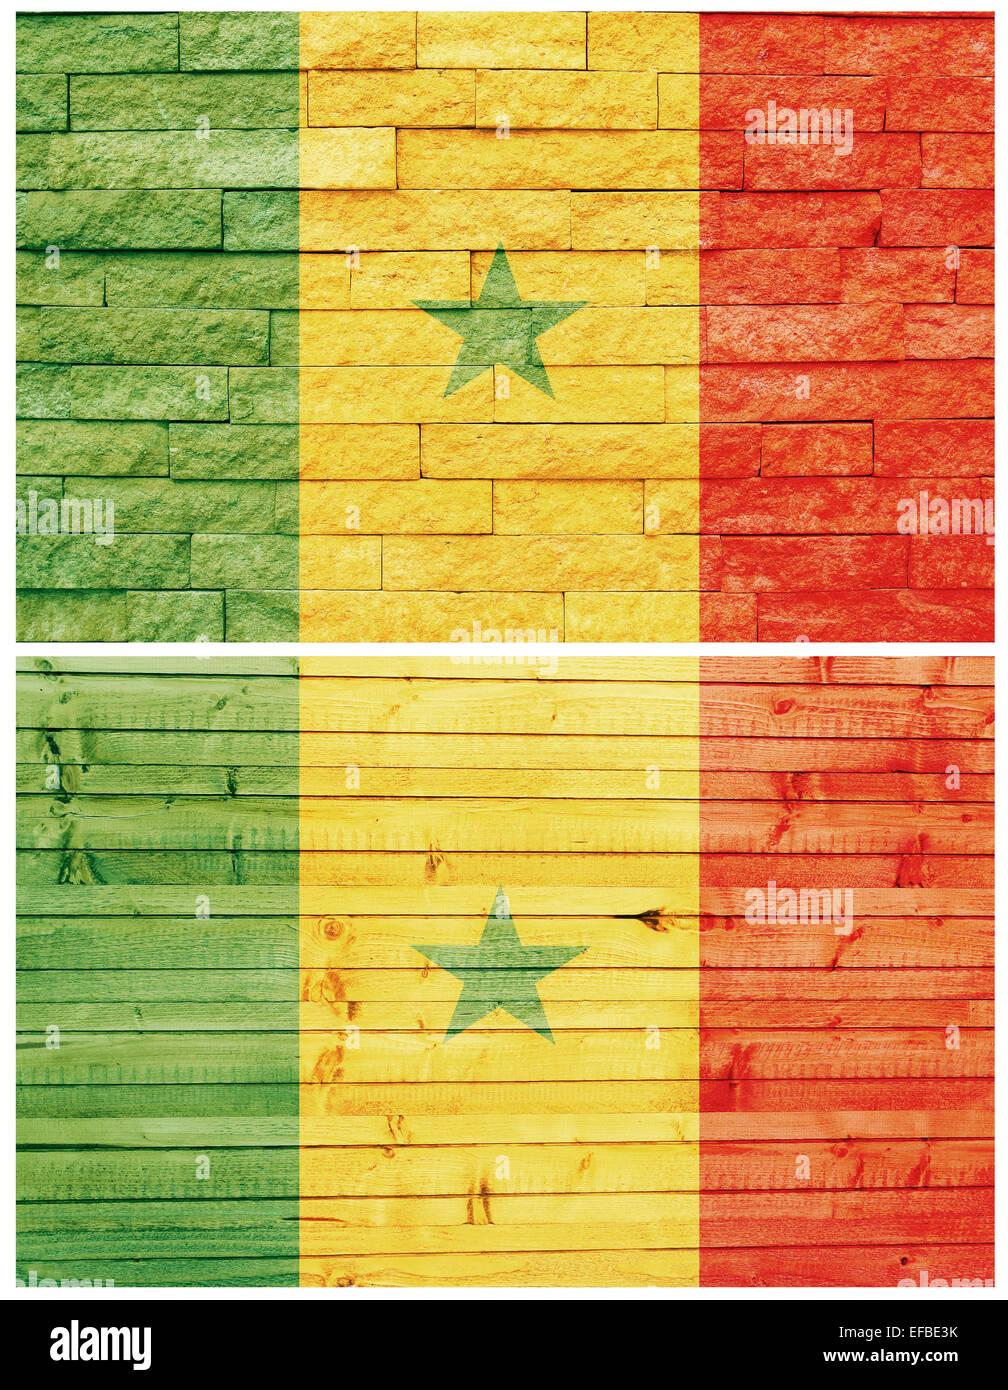 Mur du Sénégal drapeau Vintage collage Photo Stock